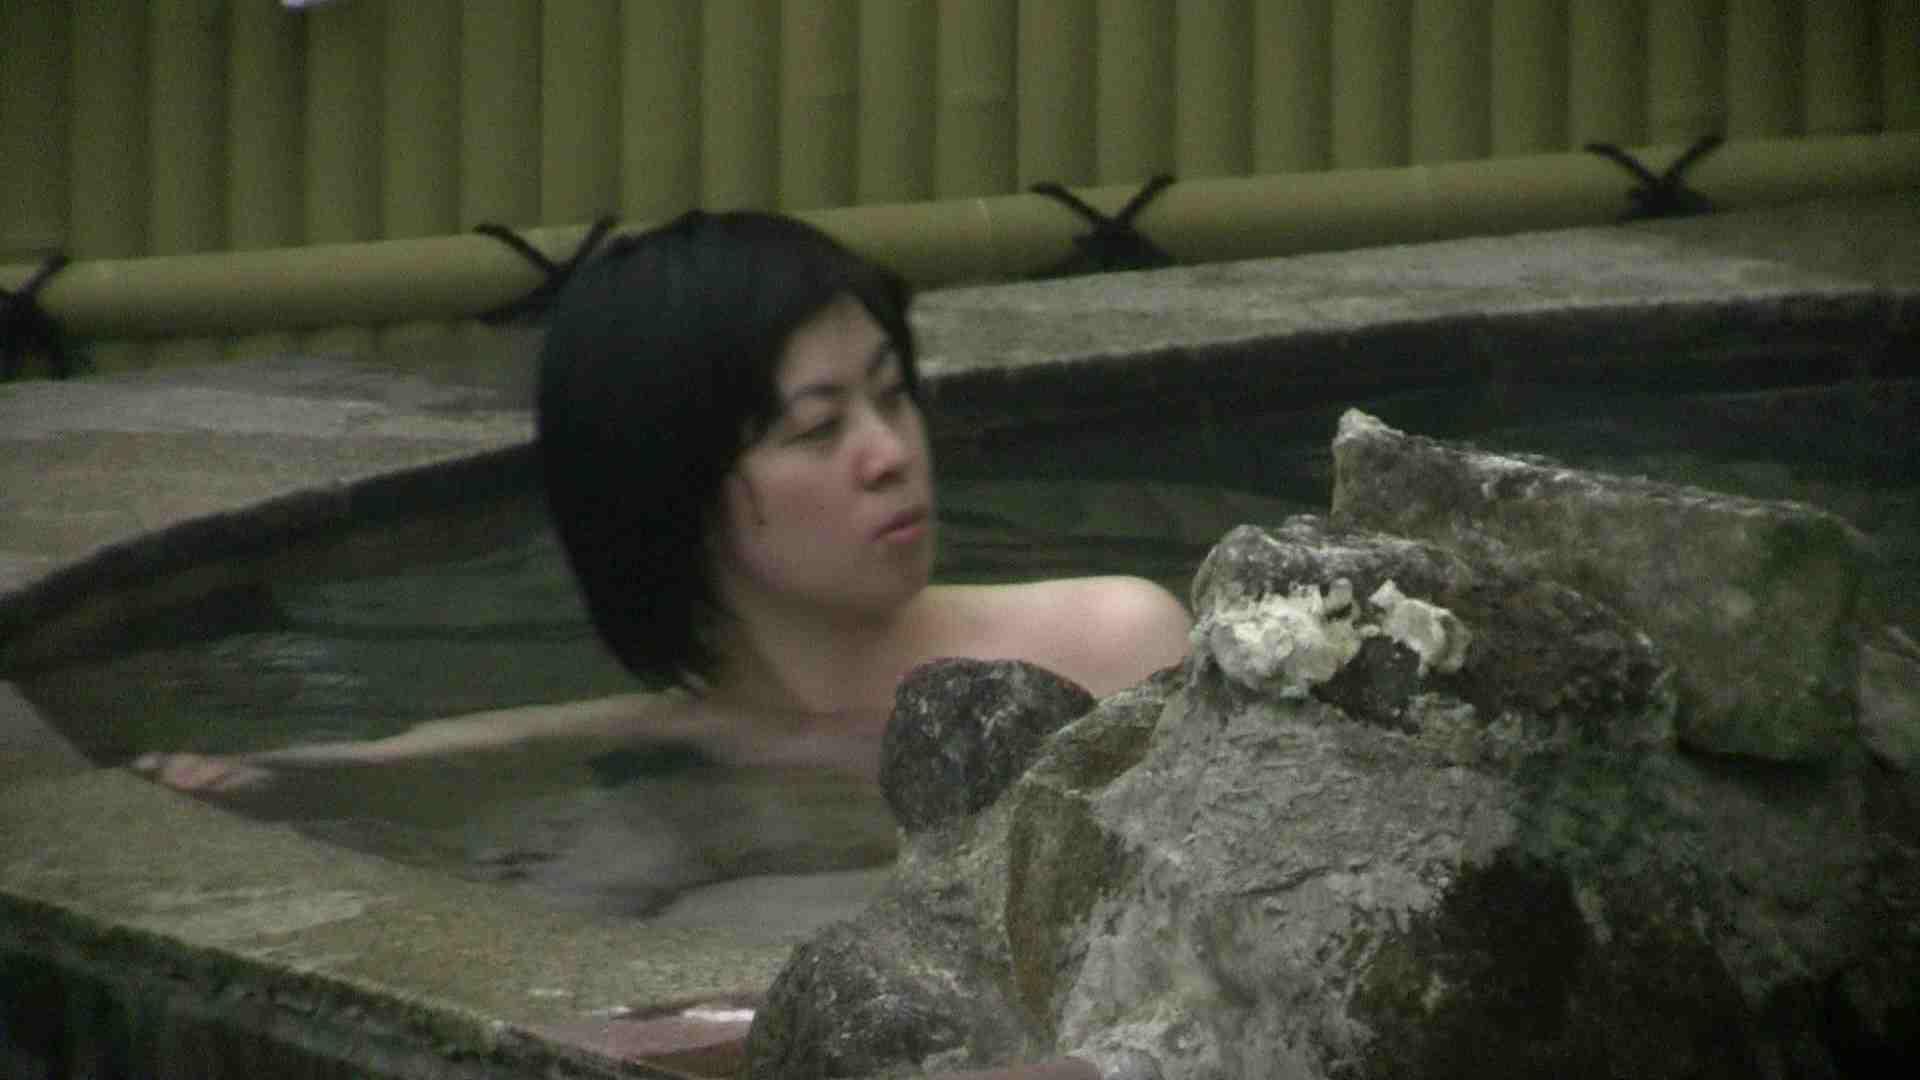 Aquaな露天風呂Vol.685 0  60pic 22